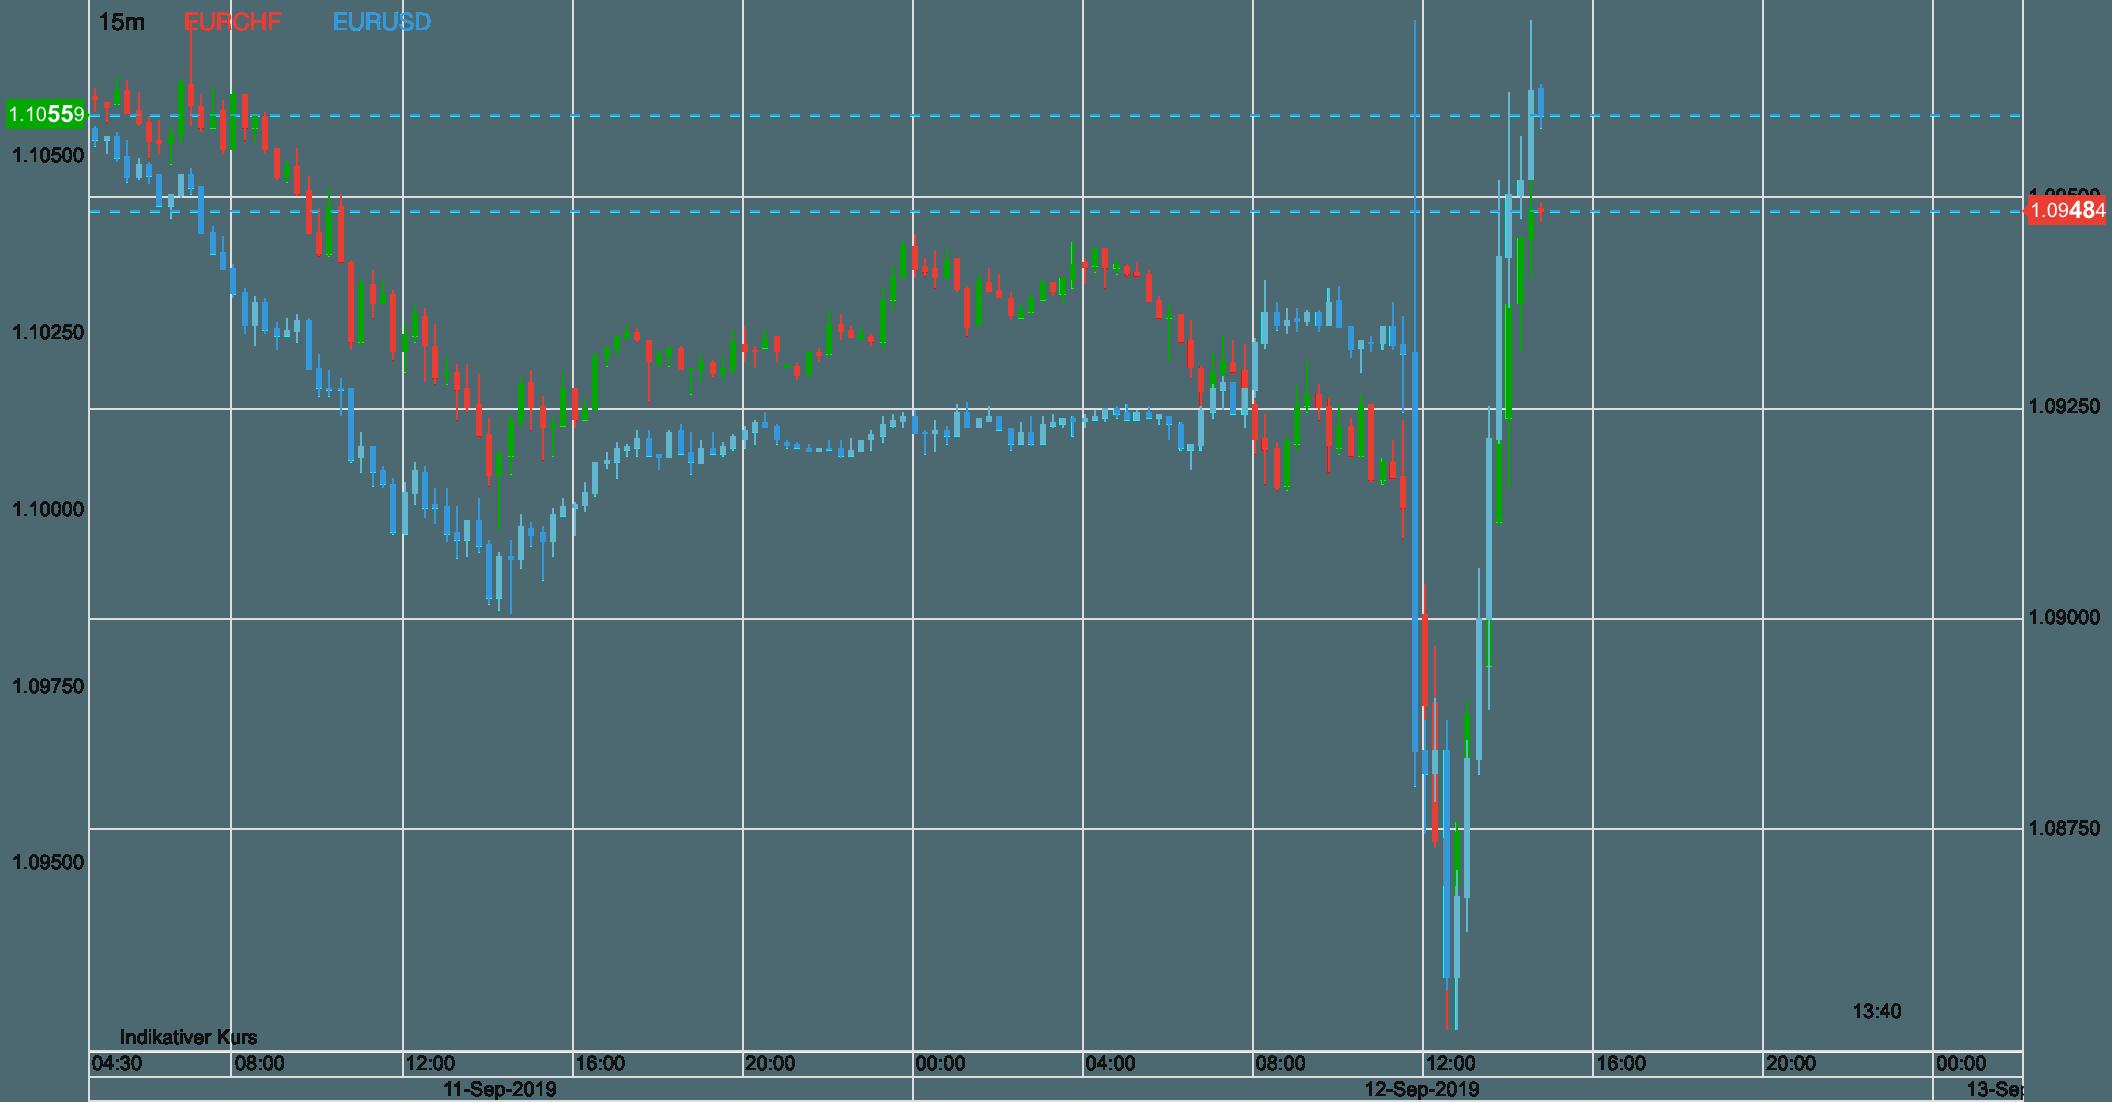 Euro vs Schweizer Franken vs EURUSD